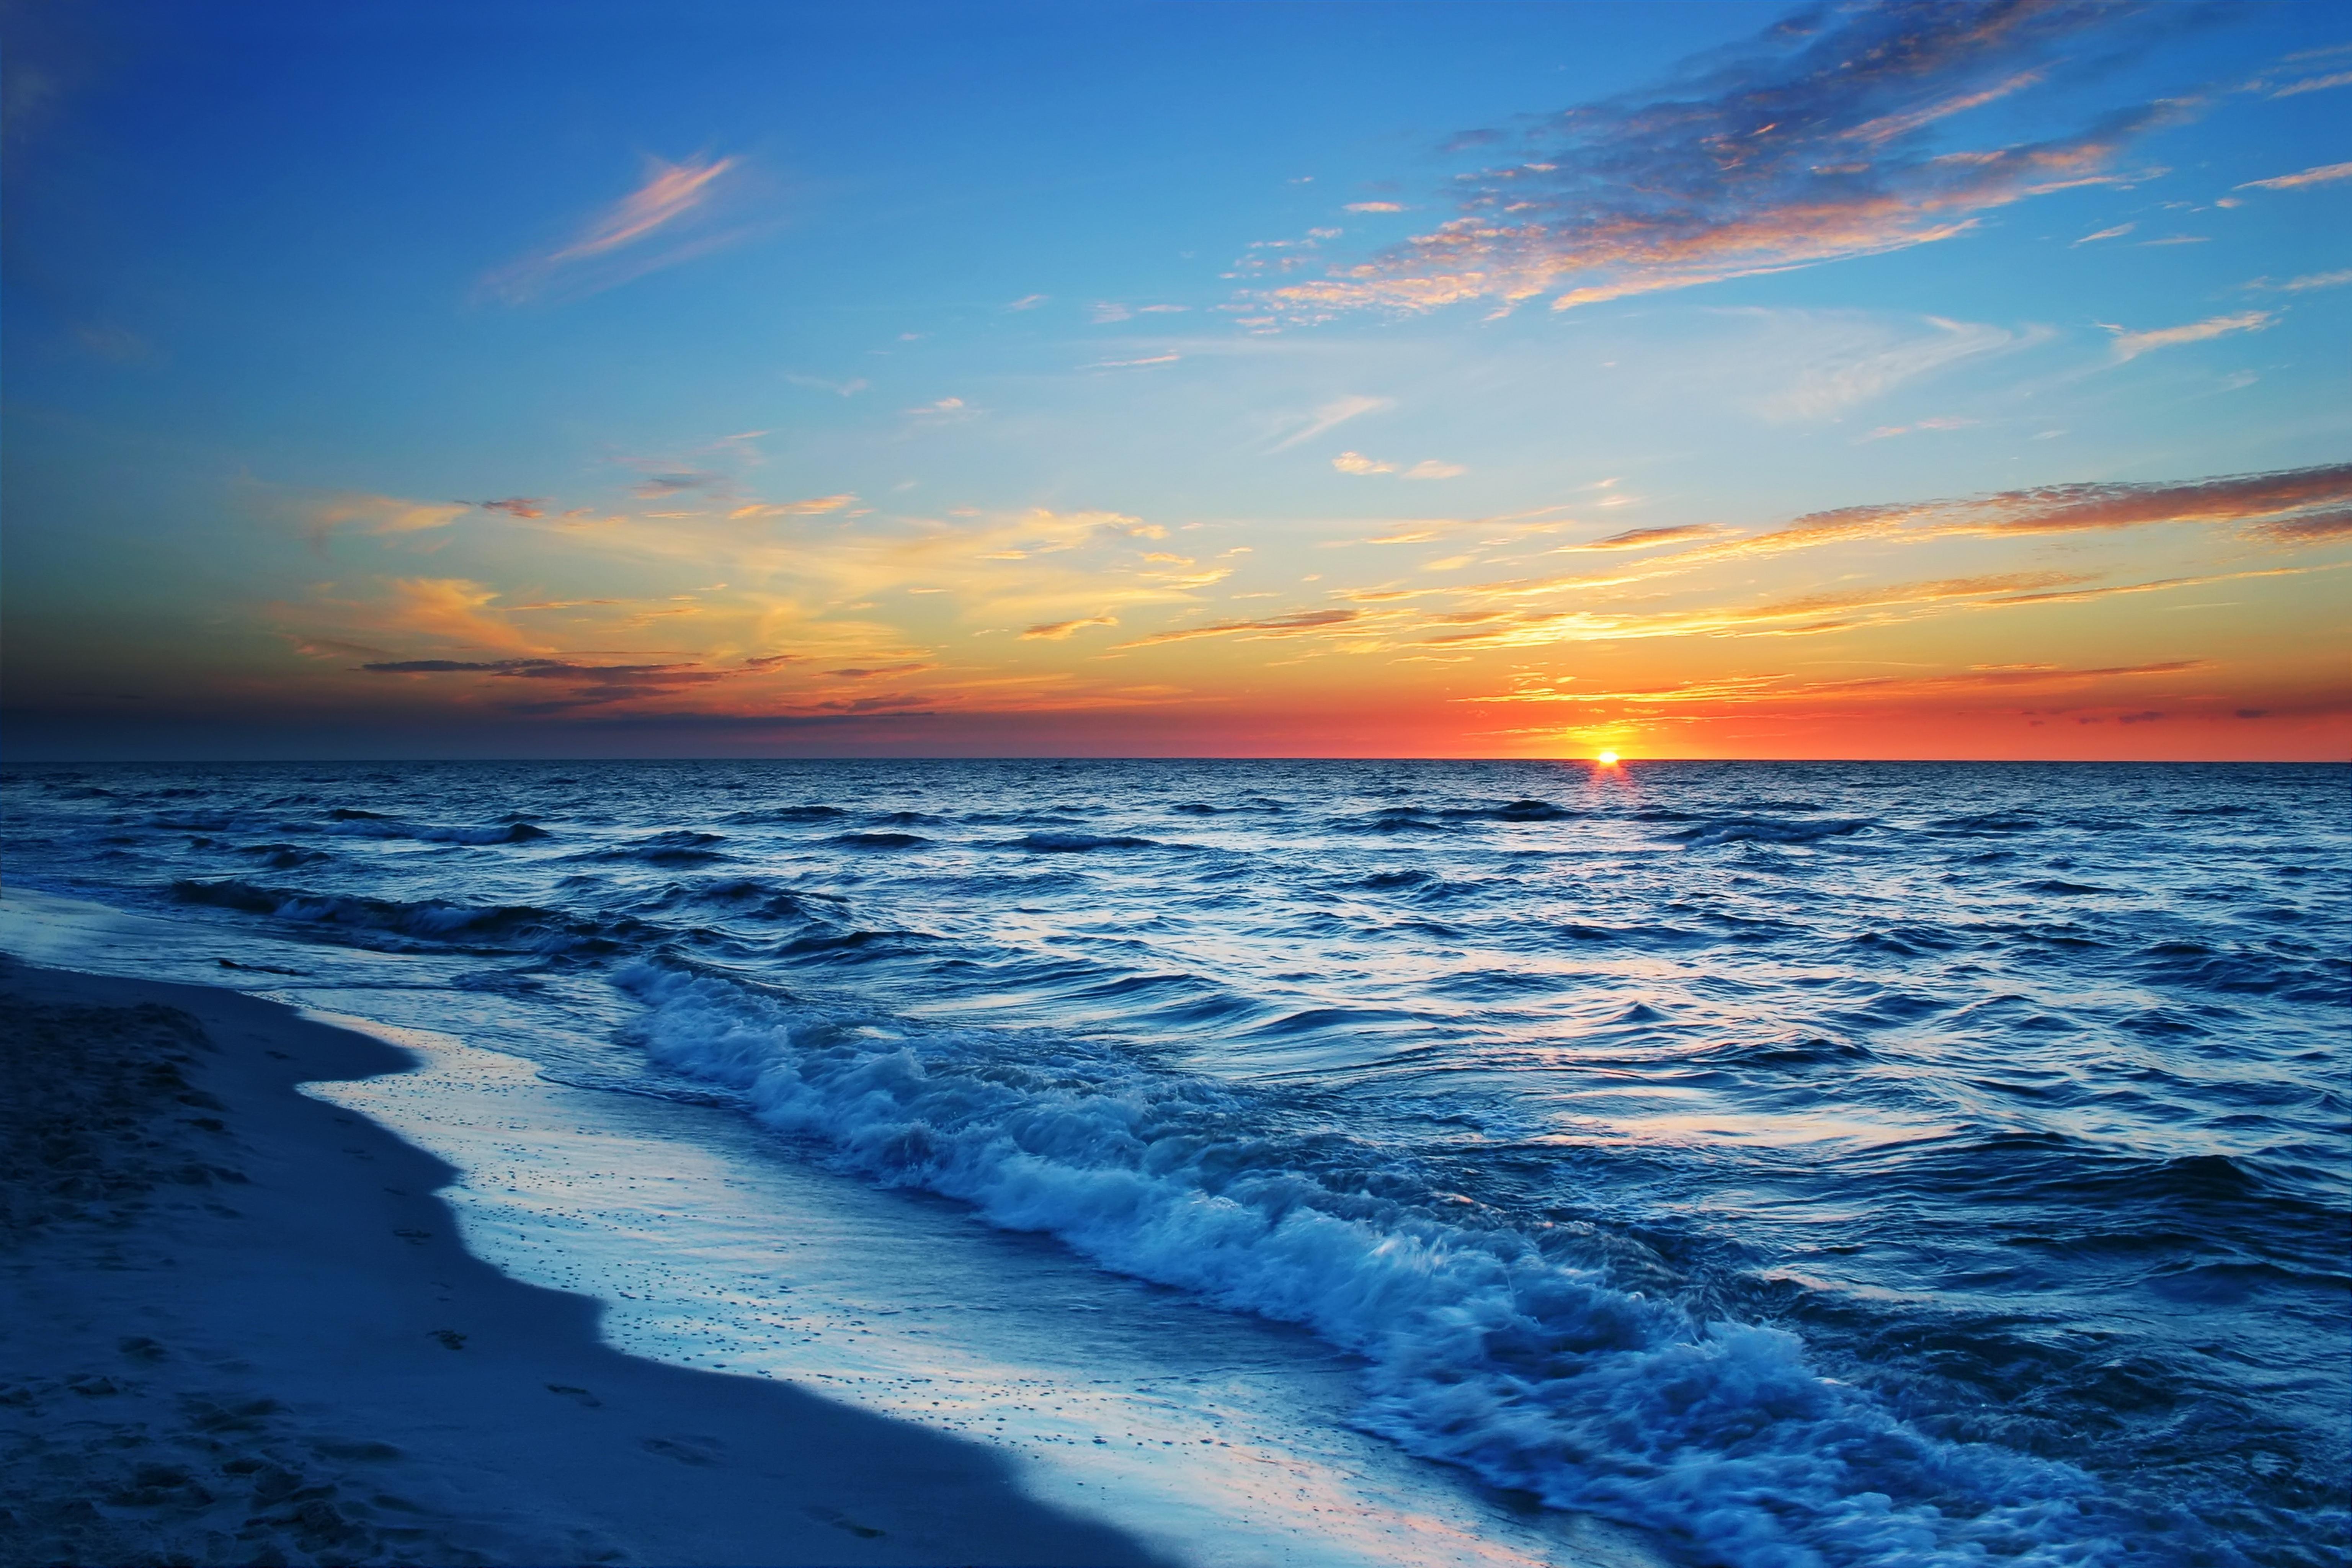 морской пейзаж картинки для рабочего стола очаровательный